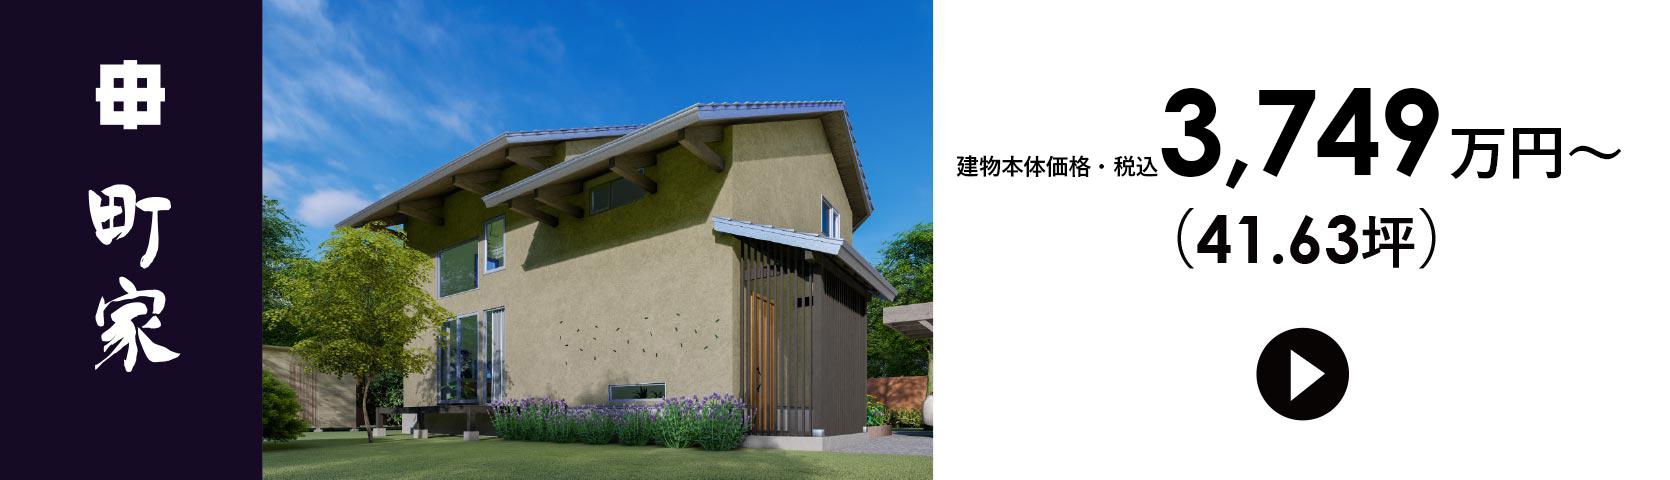 町家 - 41.63坪 - 3,259.3万円